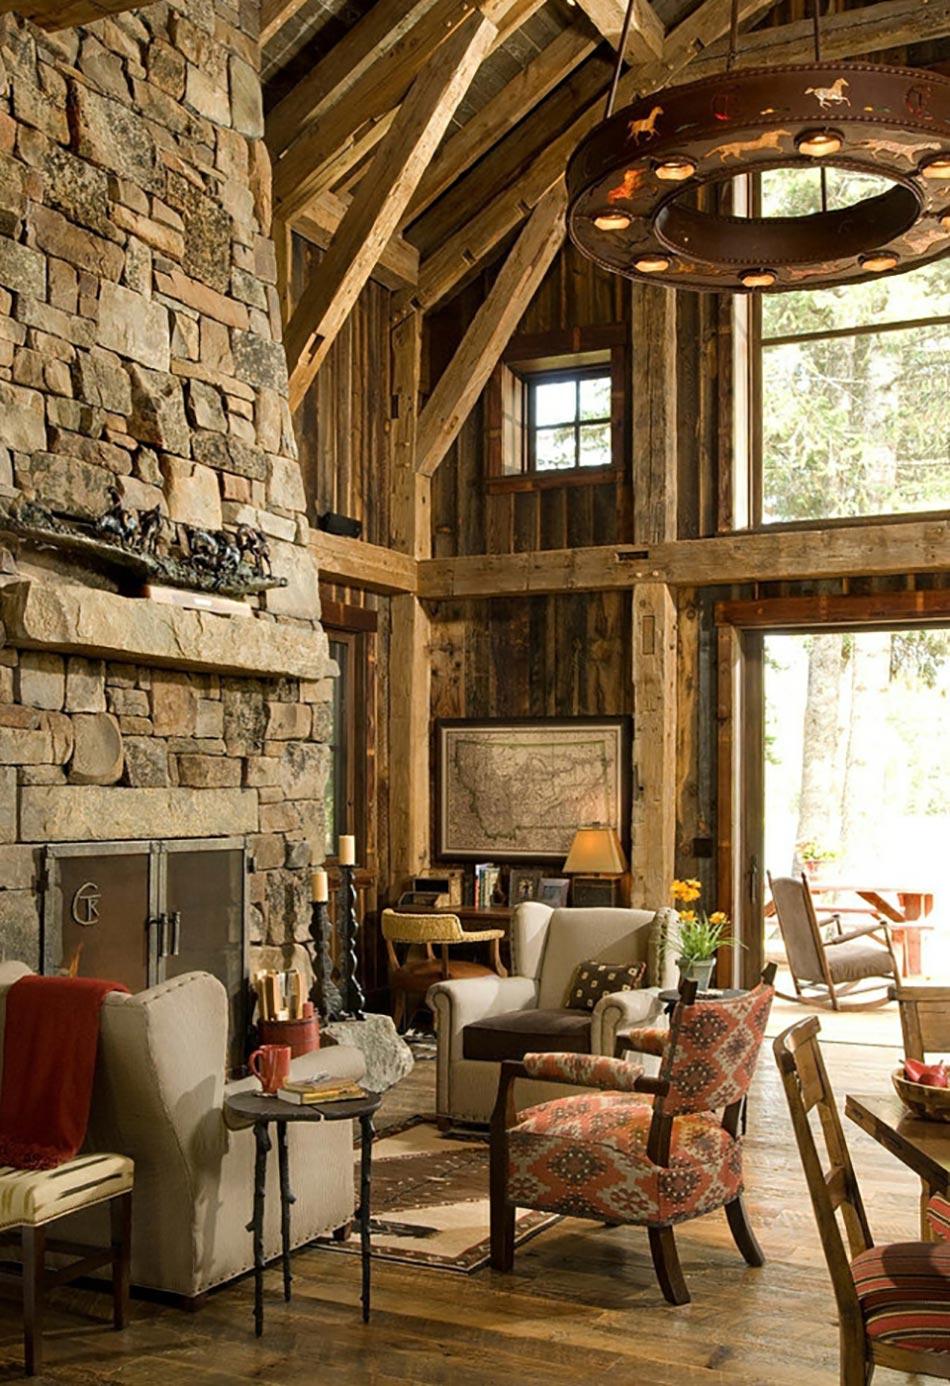 Meubles rustiques pour une ambiance proche de la nature design feria - Interieur chalet berg foto ...